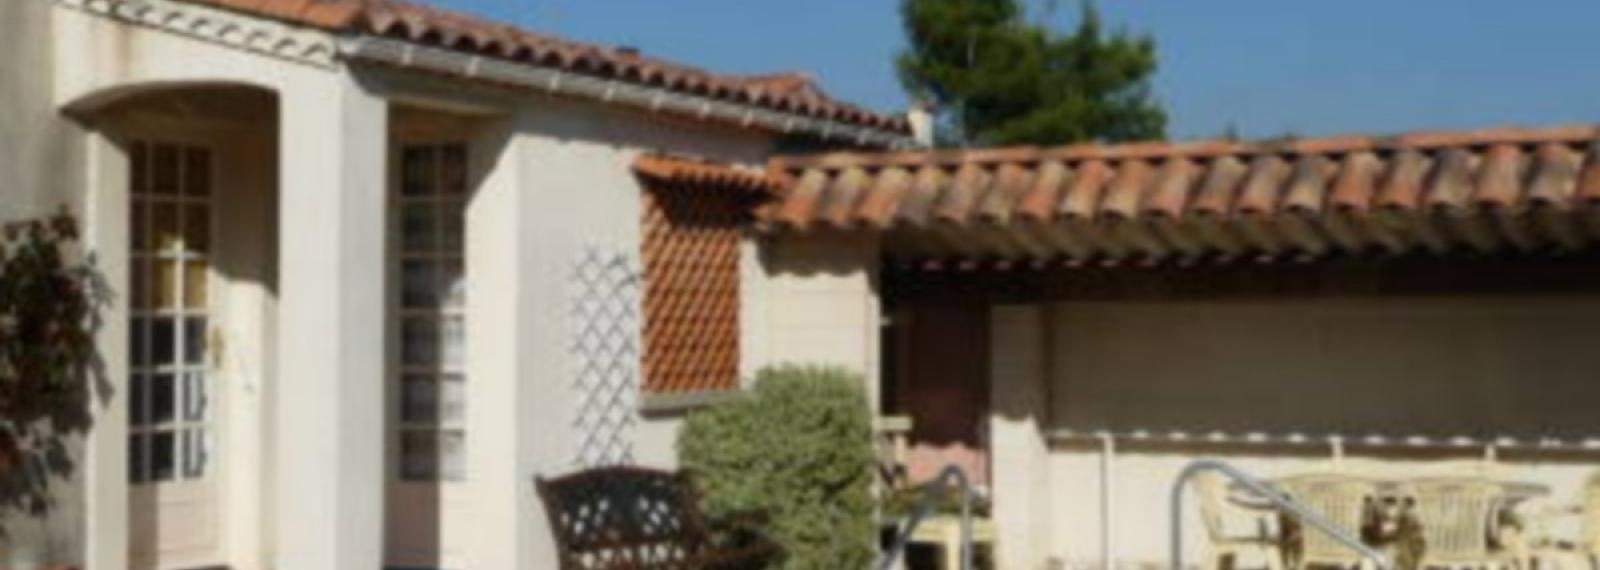 Chambres d'hôtes Jacqueline François à Saint-Rémy-de-Provence